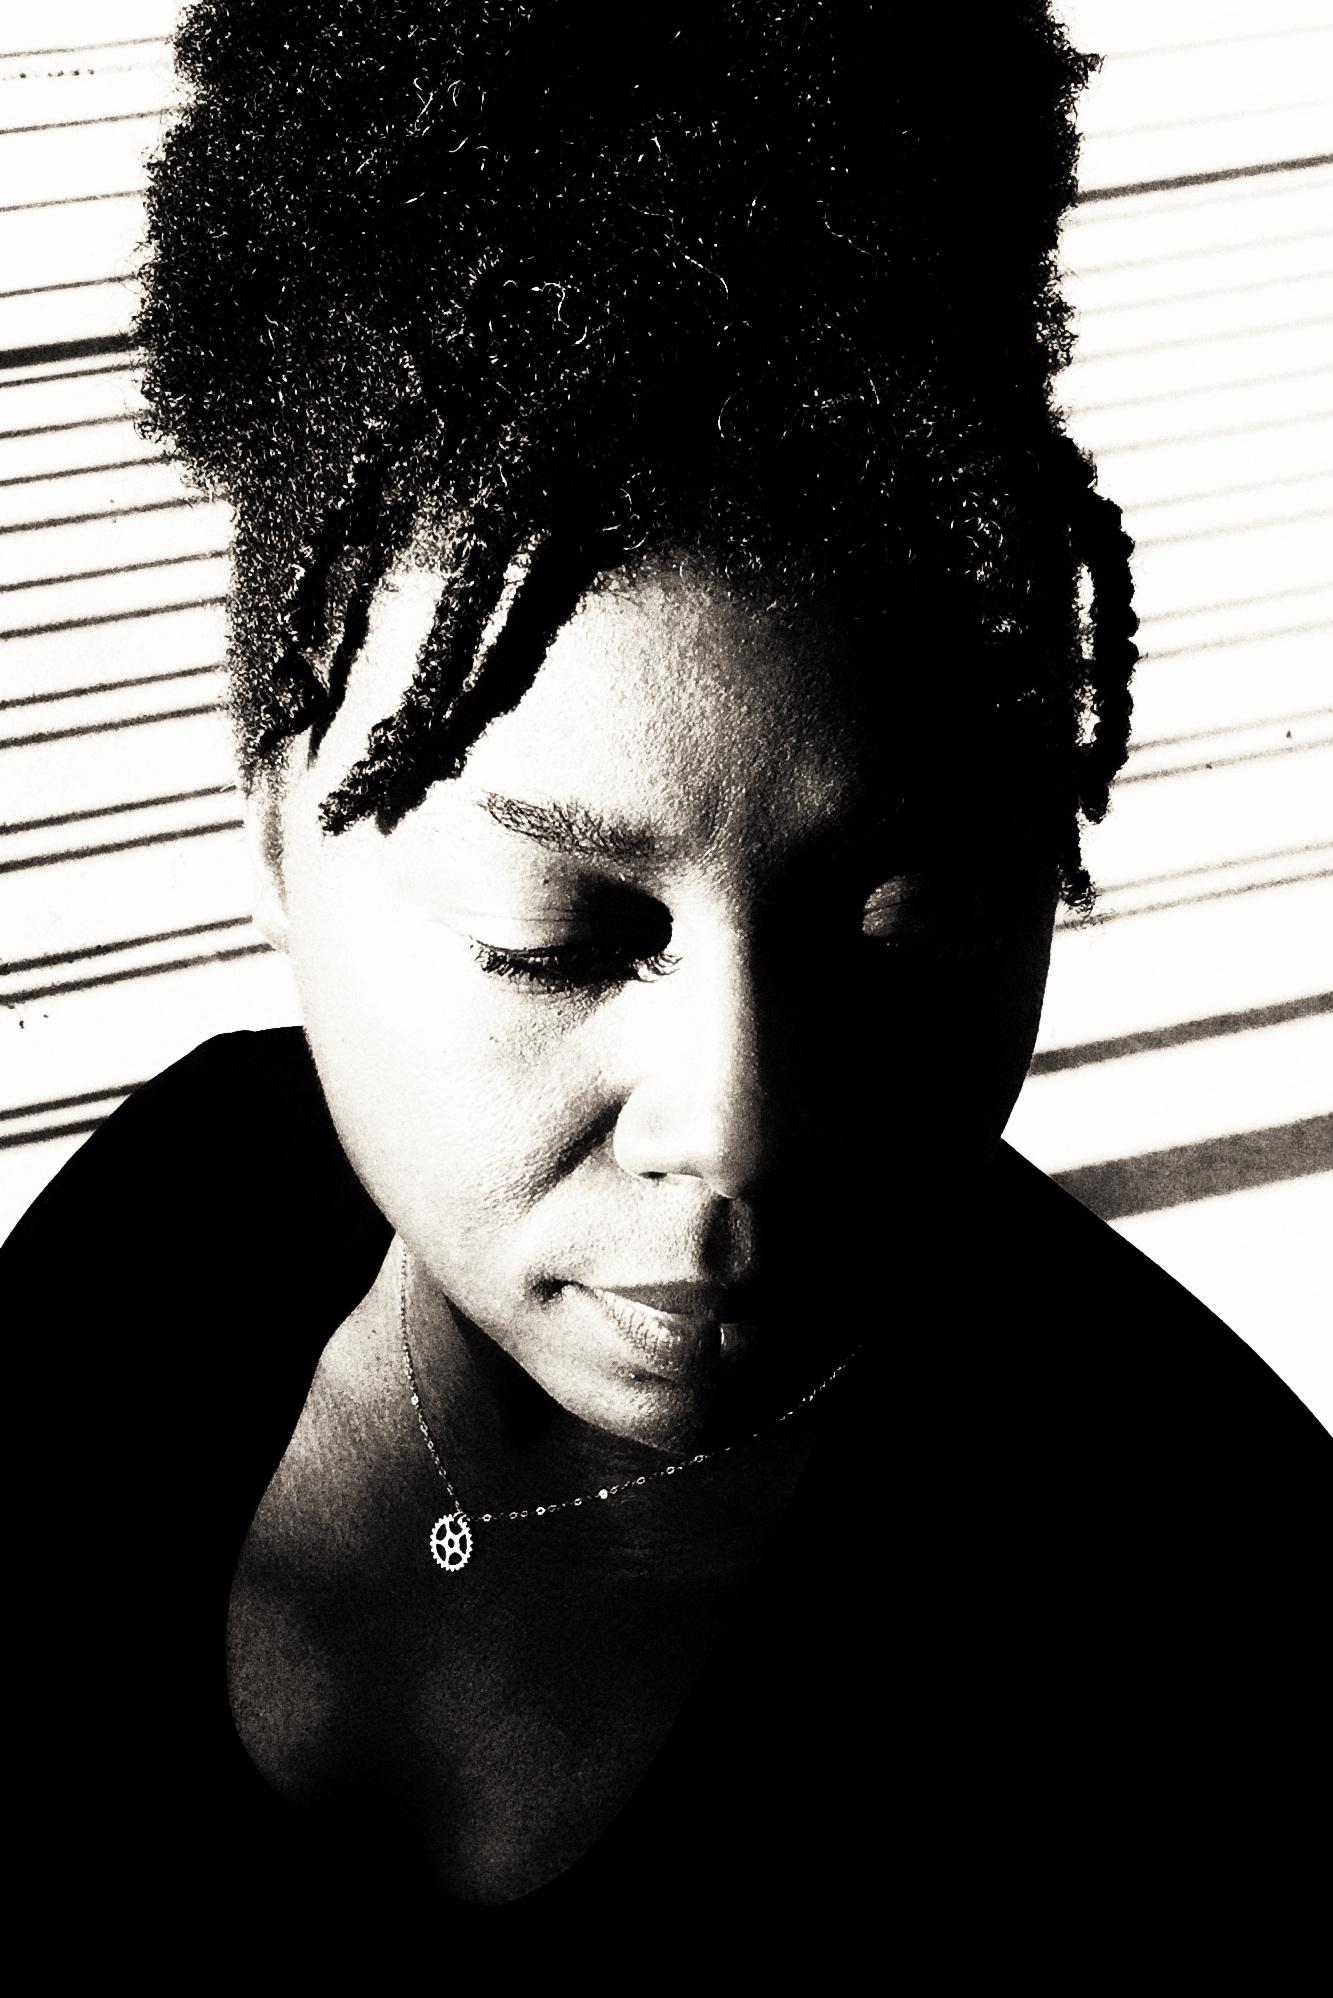 Sherri L Smith Author Photo - B&W